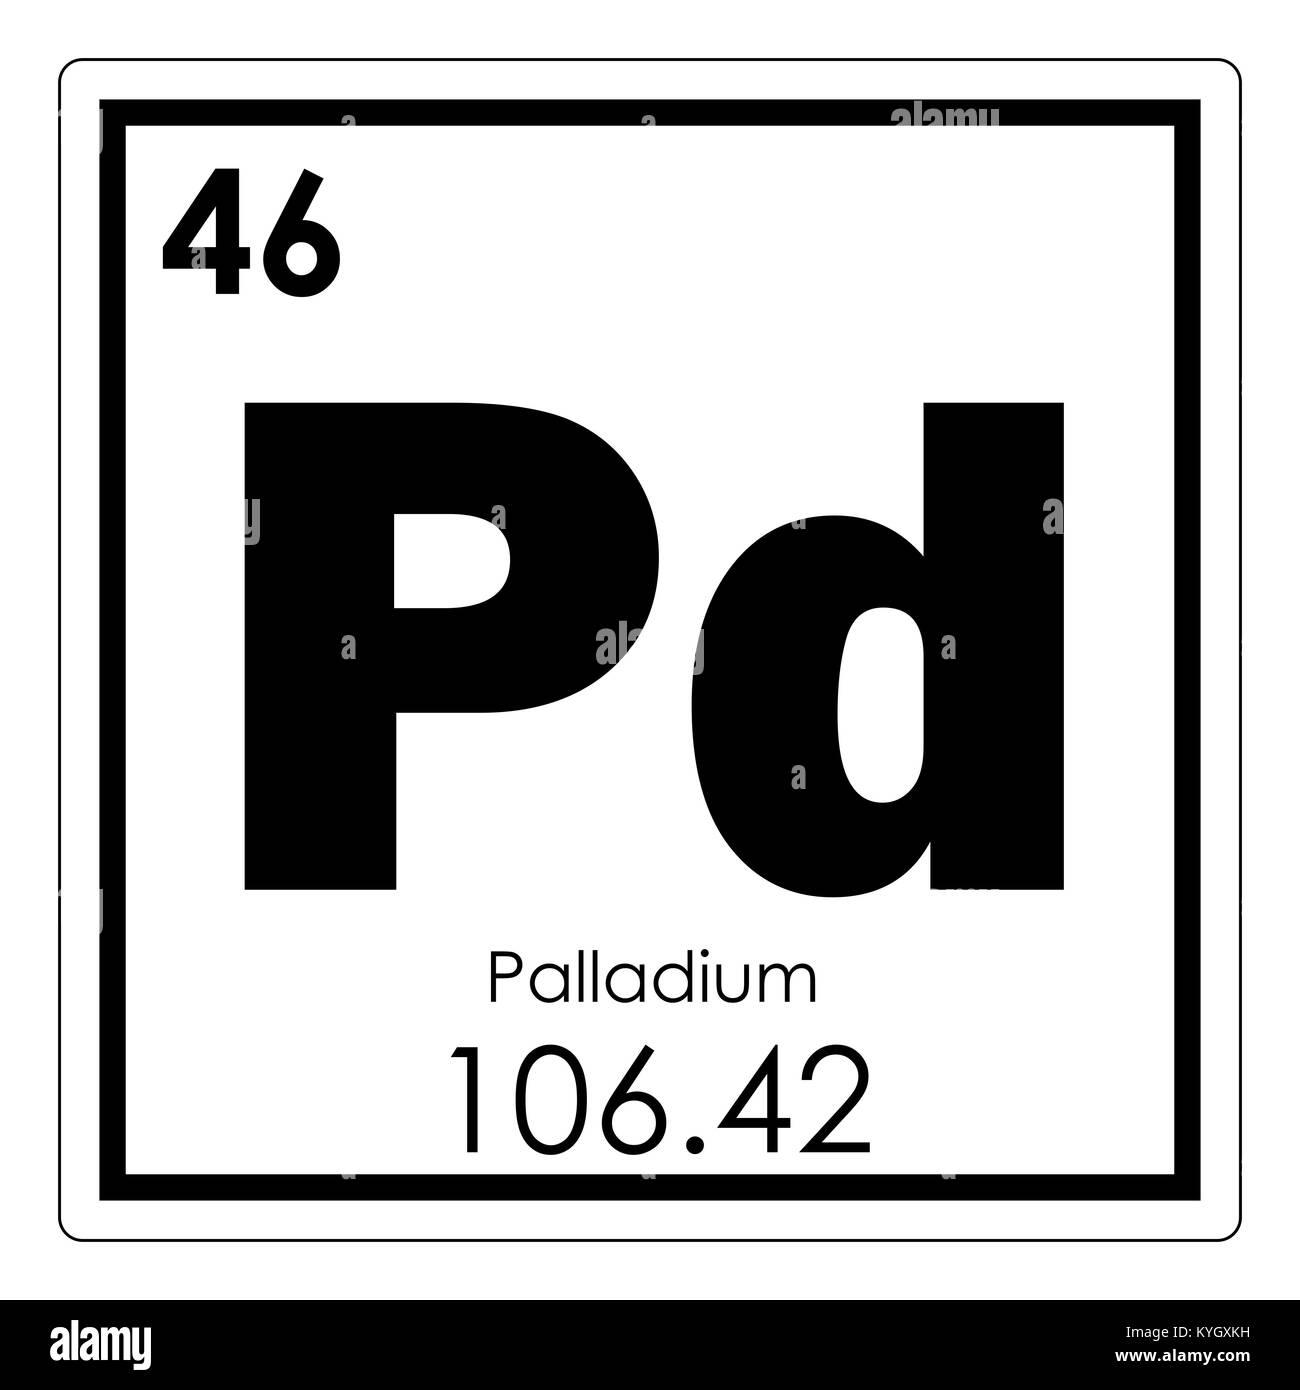 Palladium chemical element periodic table science symbol stock photo palladium chemical element periodic table science symbol buycottarizona Images